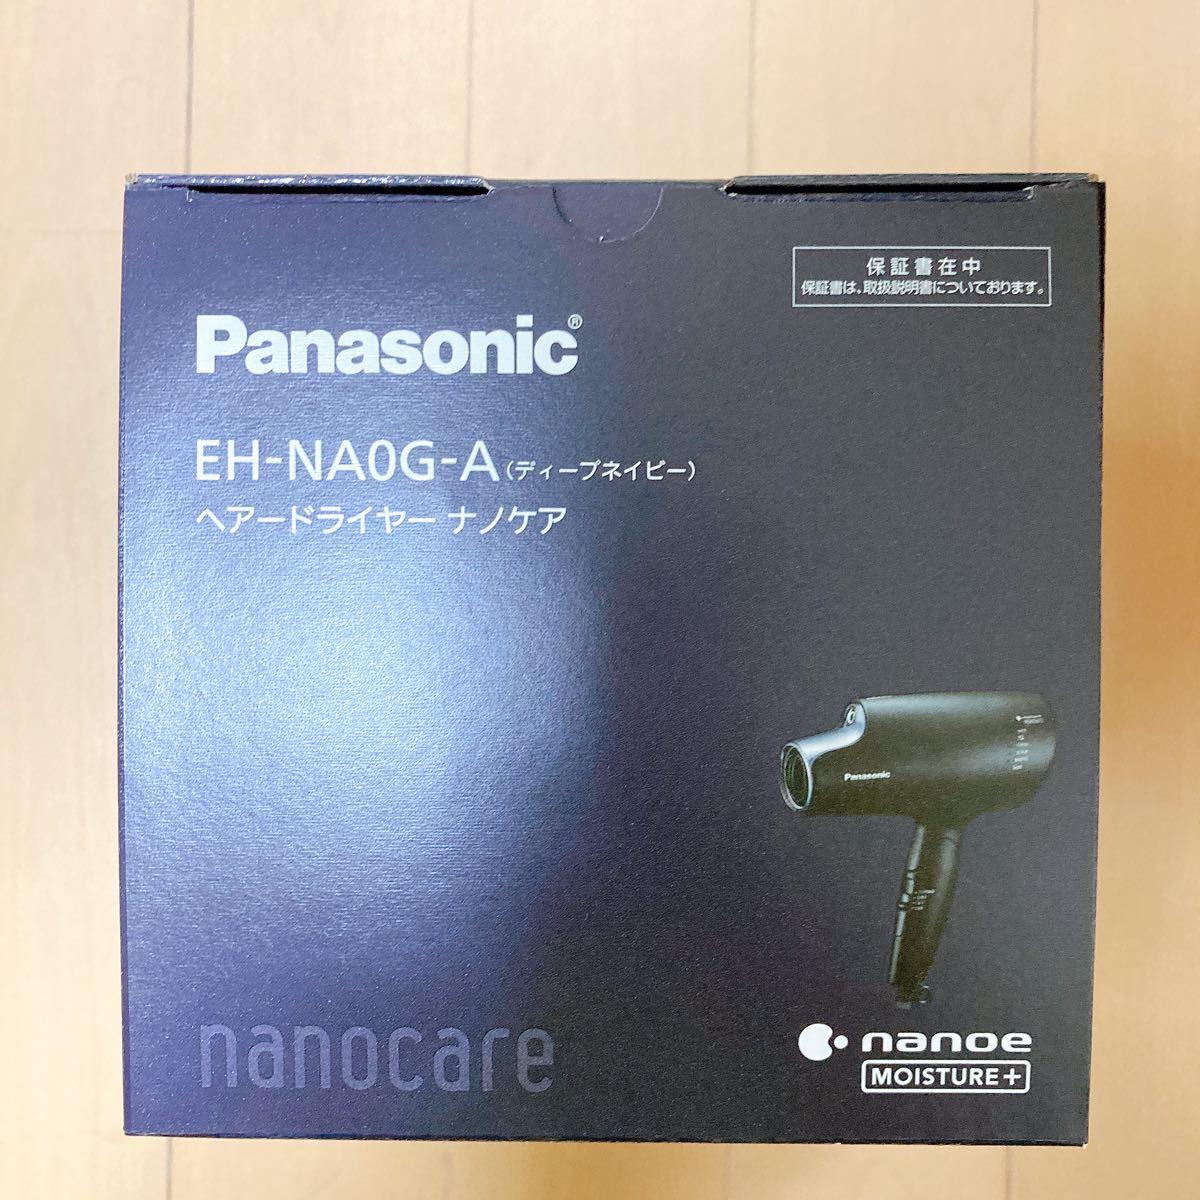 新品未使用 パナソニック EH-NA0G-A(ディープネイビー) ヘアードライヤー ナノケア